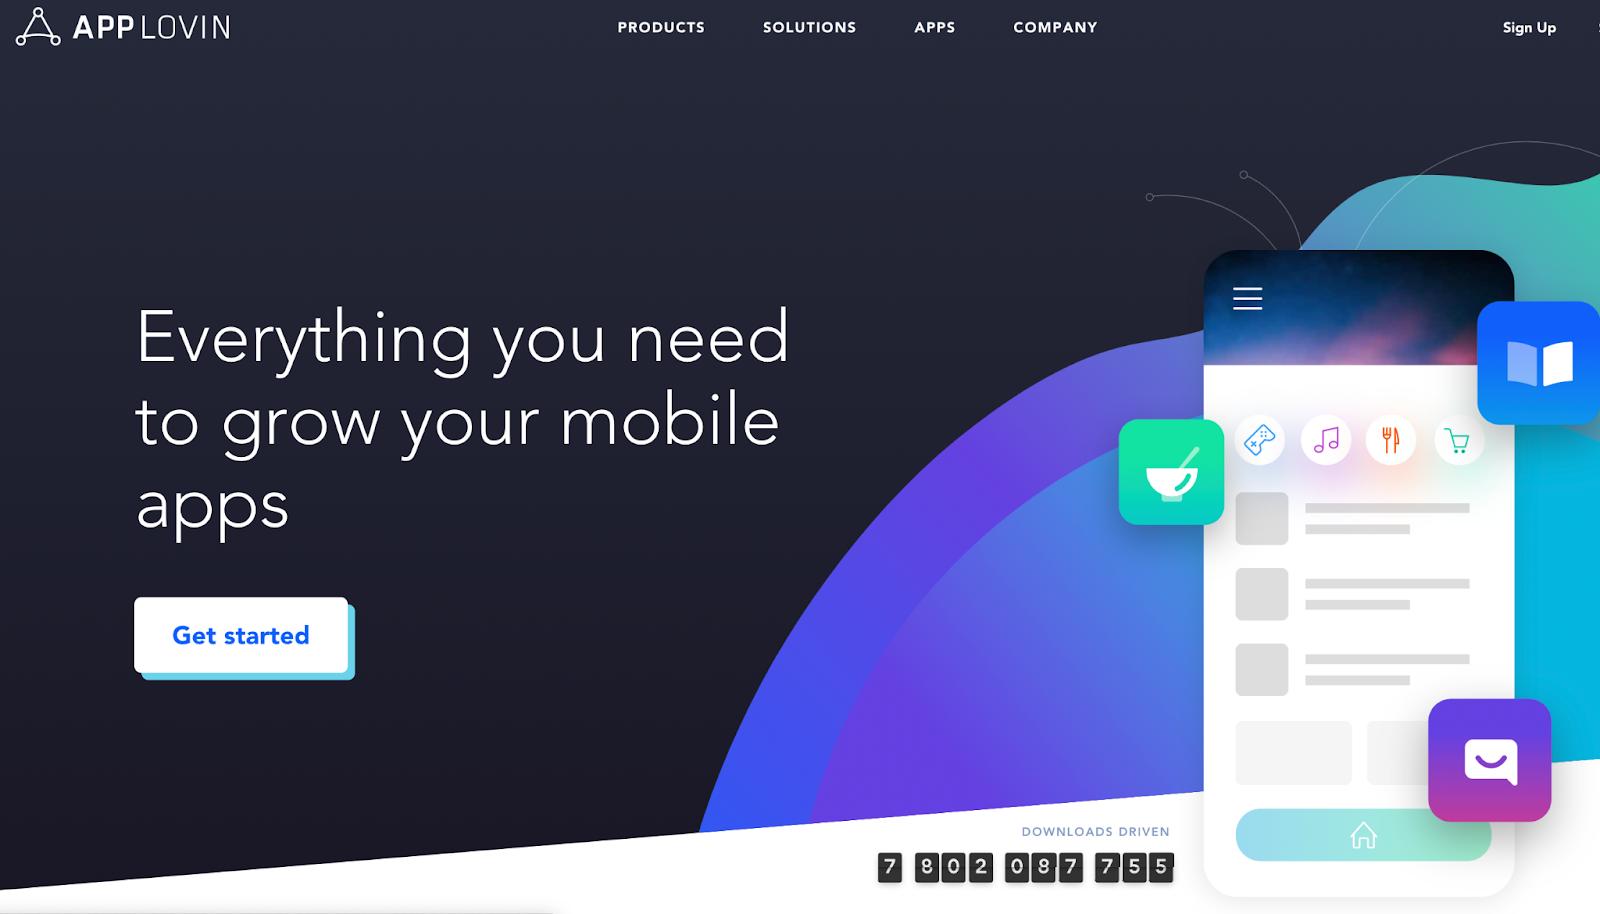 App Lovin homepage